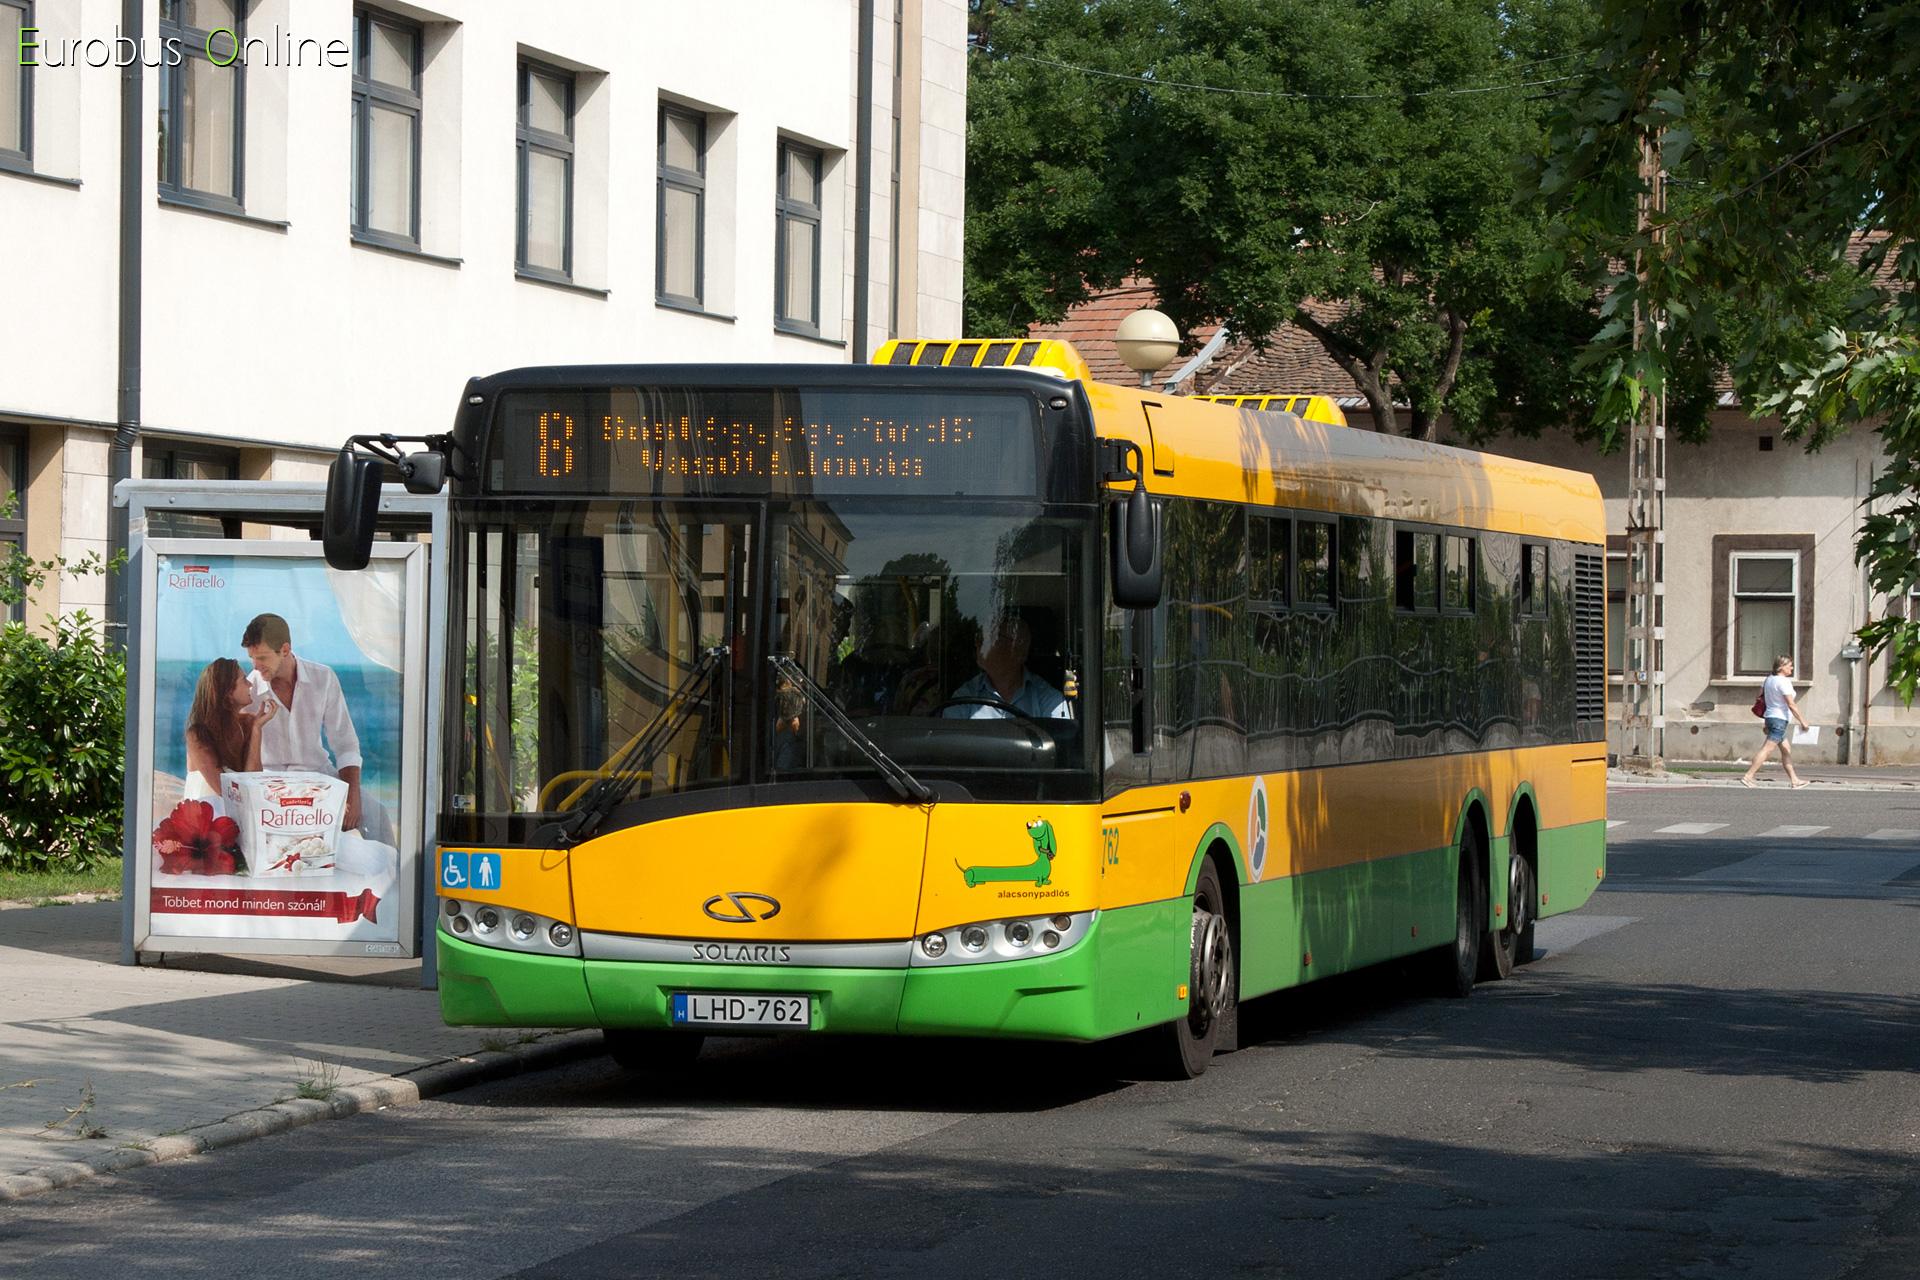 LHD-762